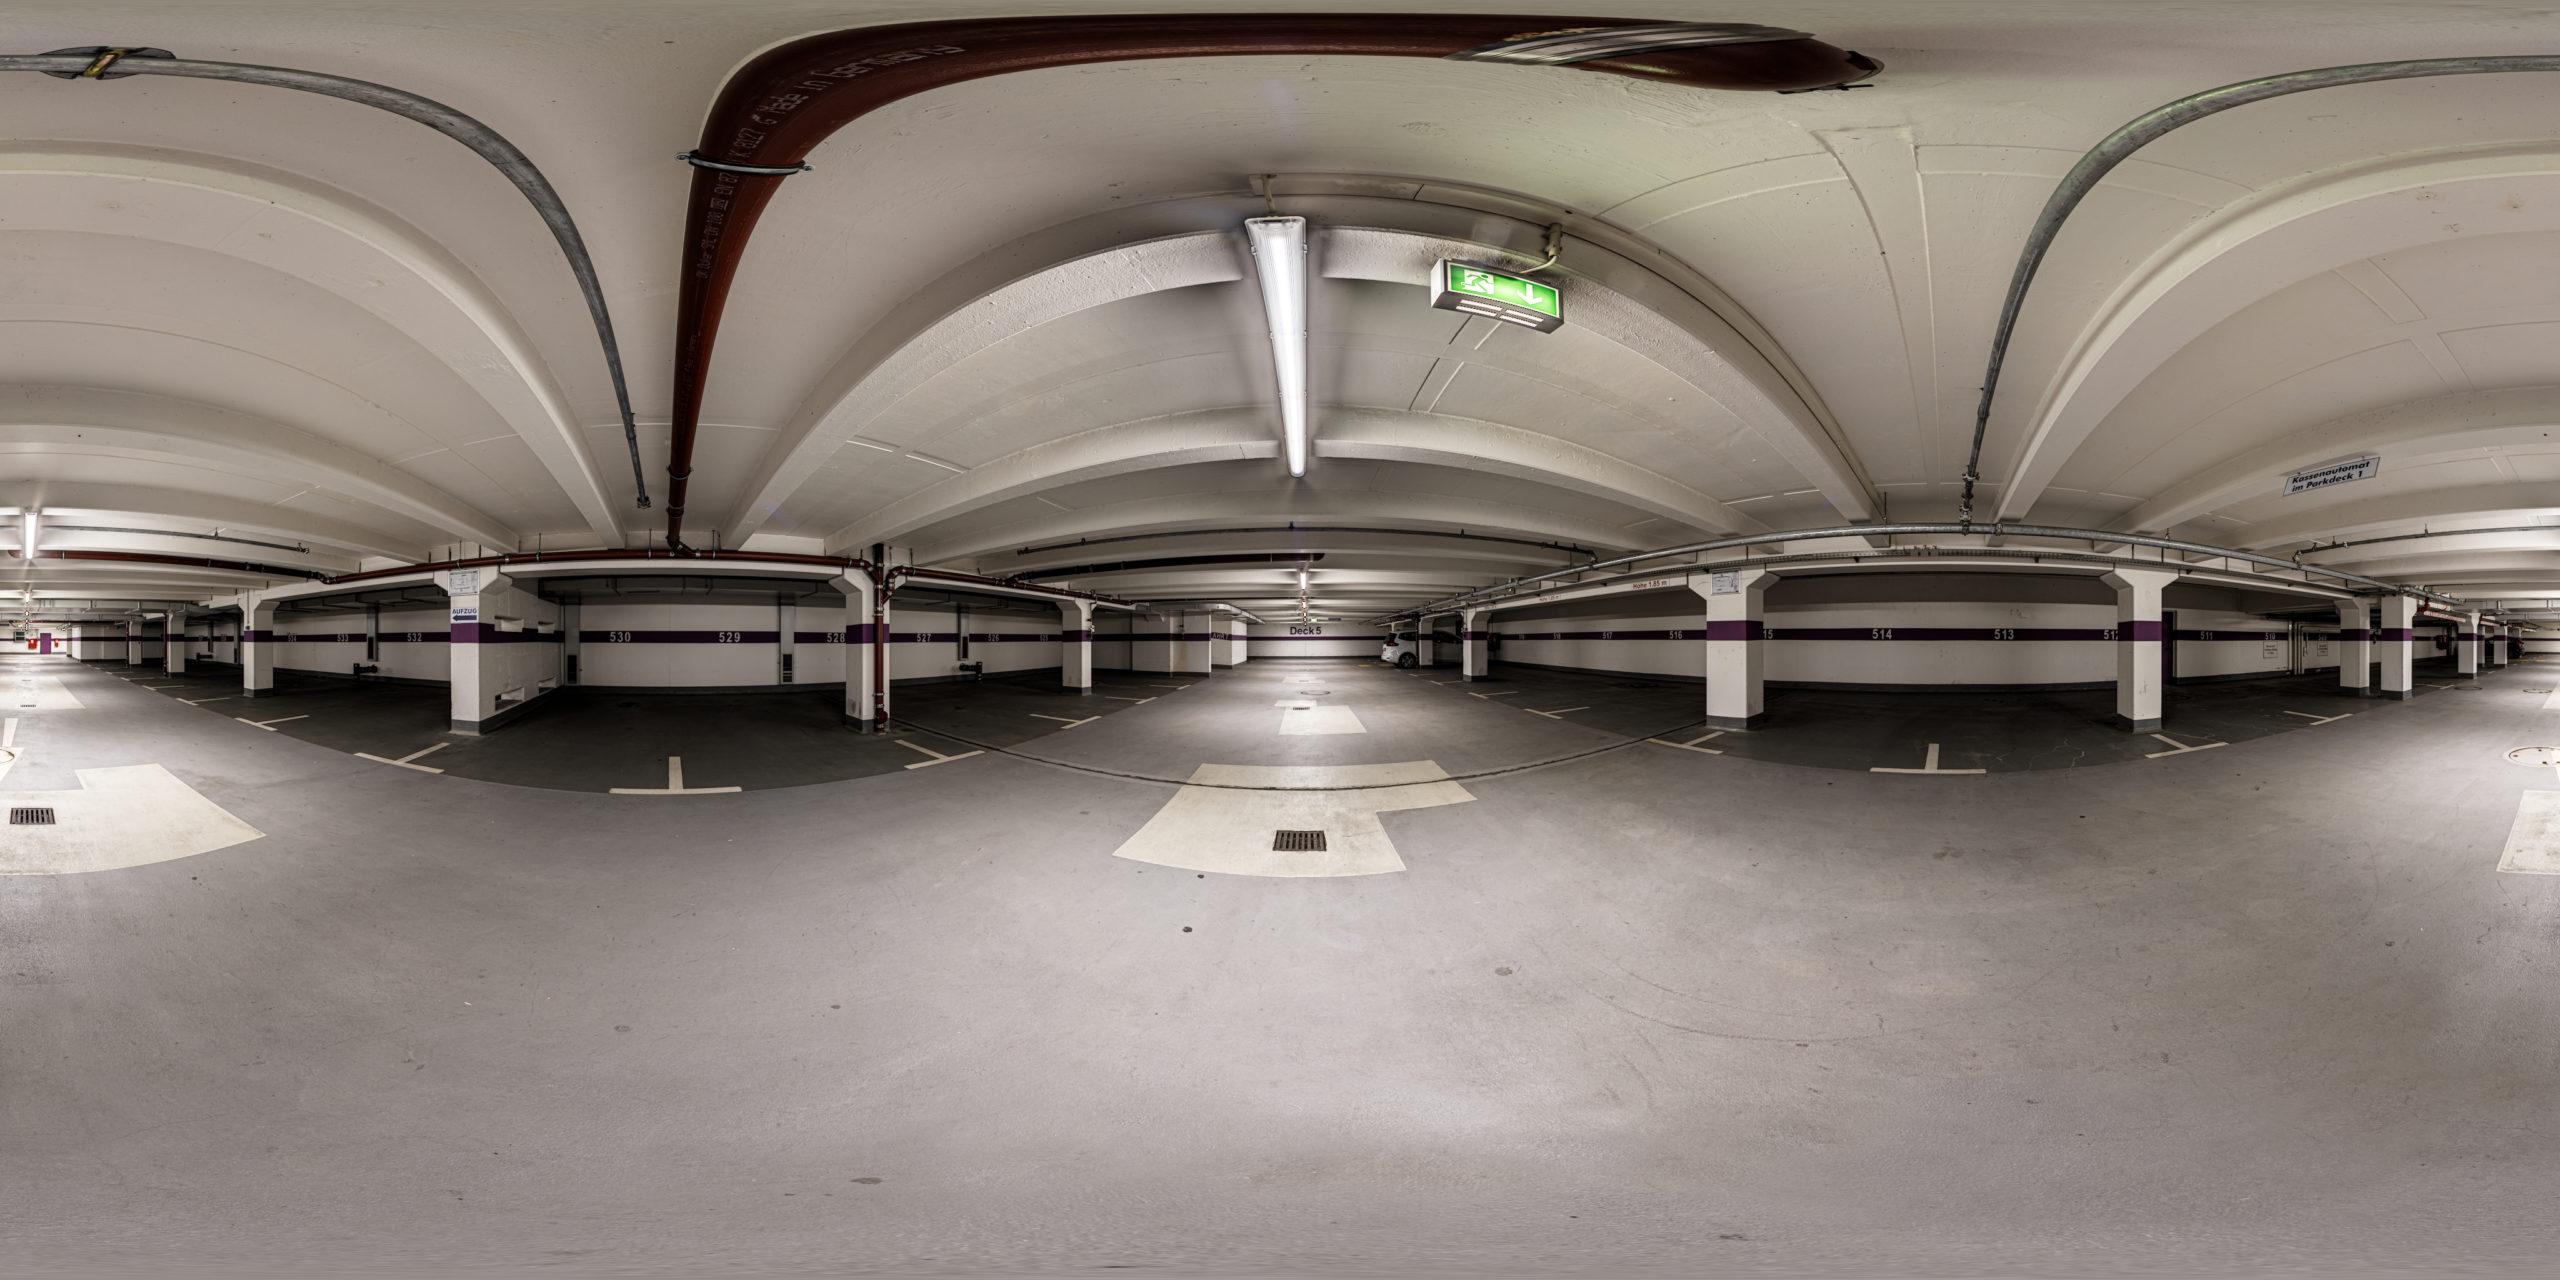 HDRI-Skies-Parking-Garage-Altstadt-Mitte-Schwabach